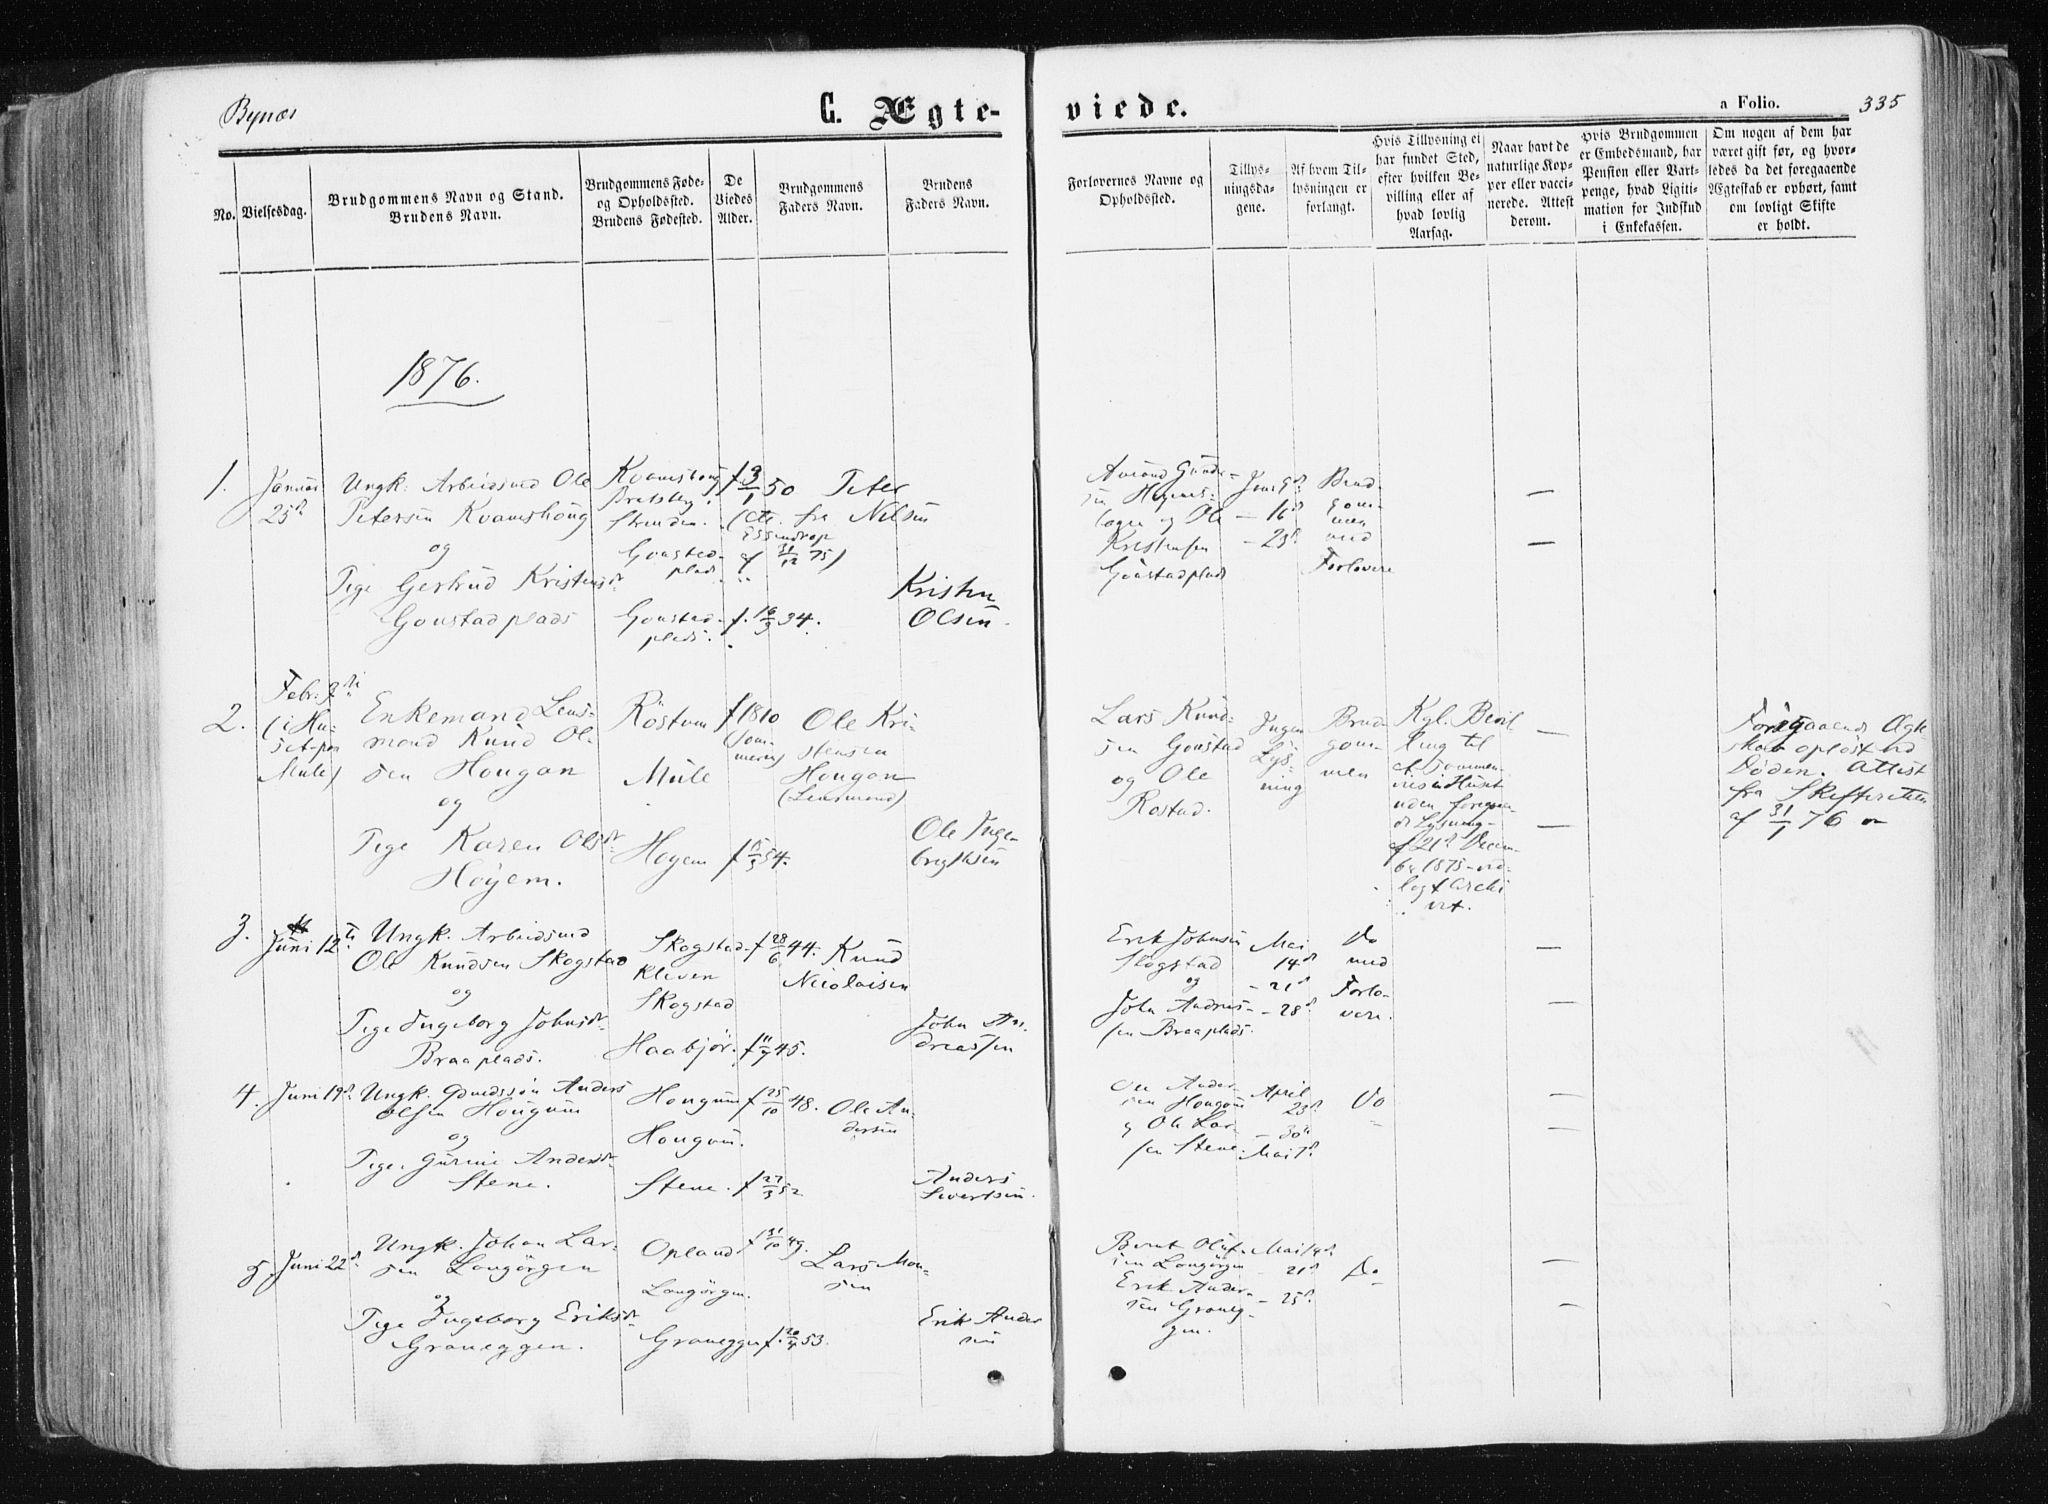 SAT, Ministerialprotokoller, klokkerbøker og fødselsregistre - Sør-Trøndelag, 612/L0377: Ministerialbok nr. 612A09, 1859-1877, s. 335